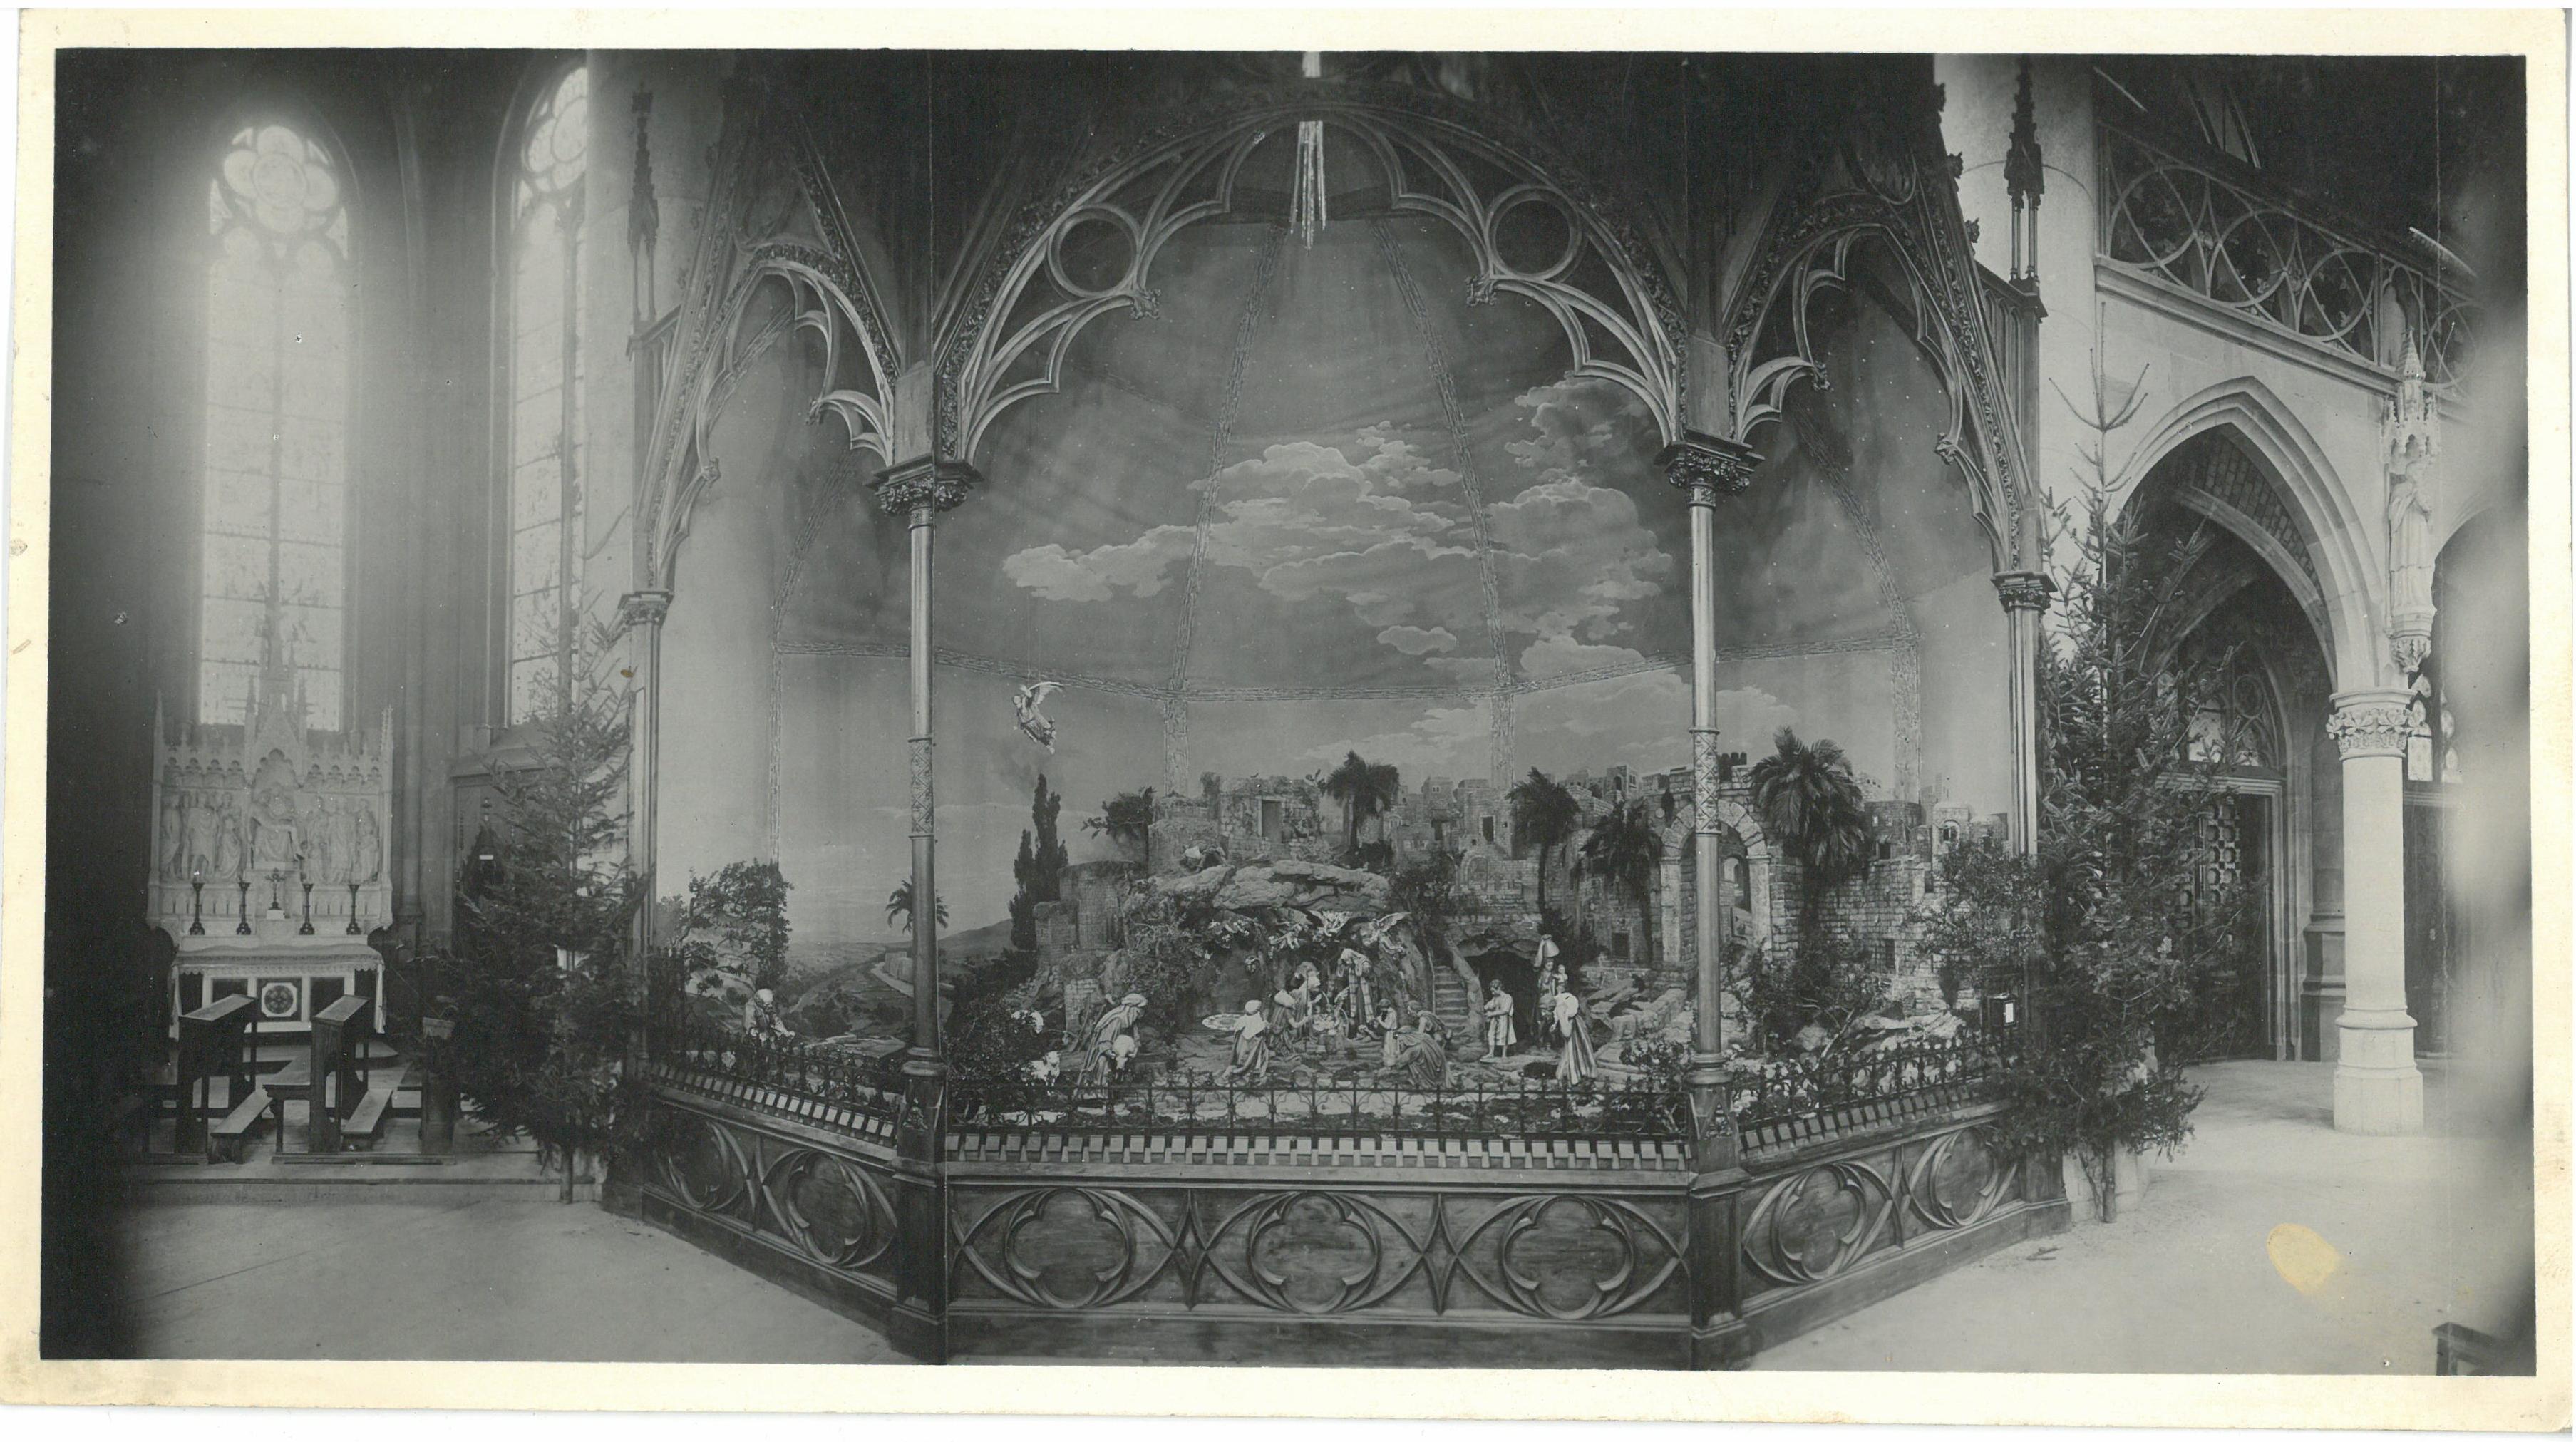 Gesamtansicht der im 2. Weltkrieg zerstörten Paderborner Domkrippe, um 1919